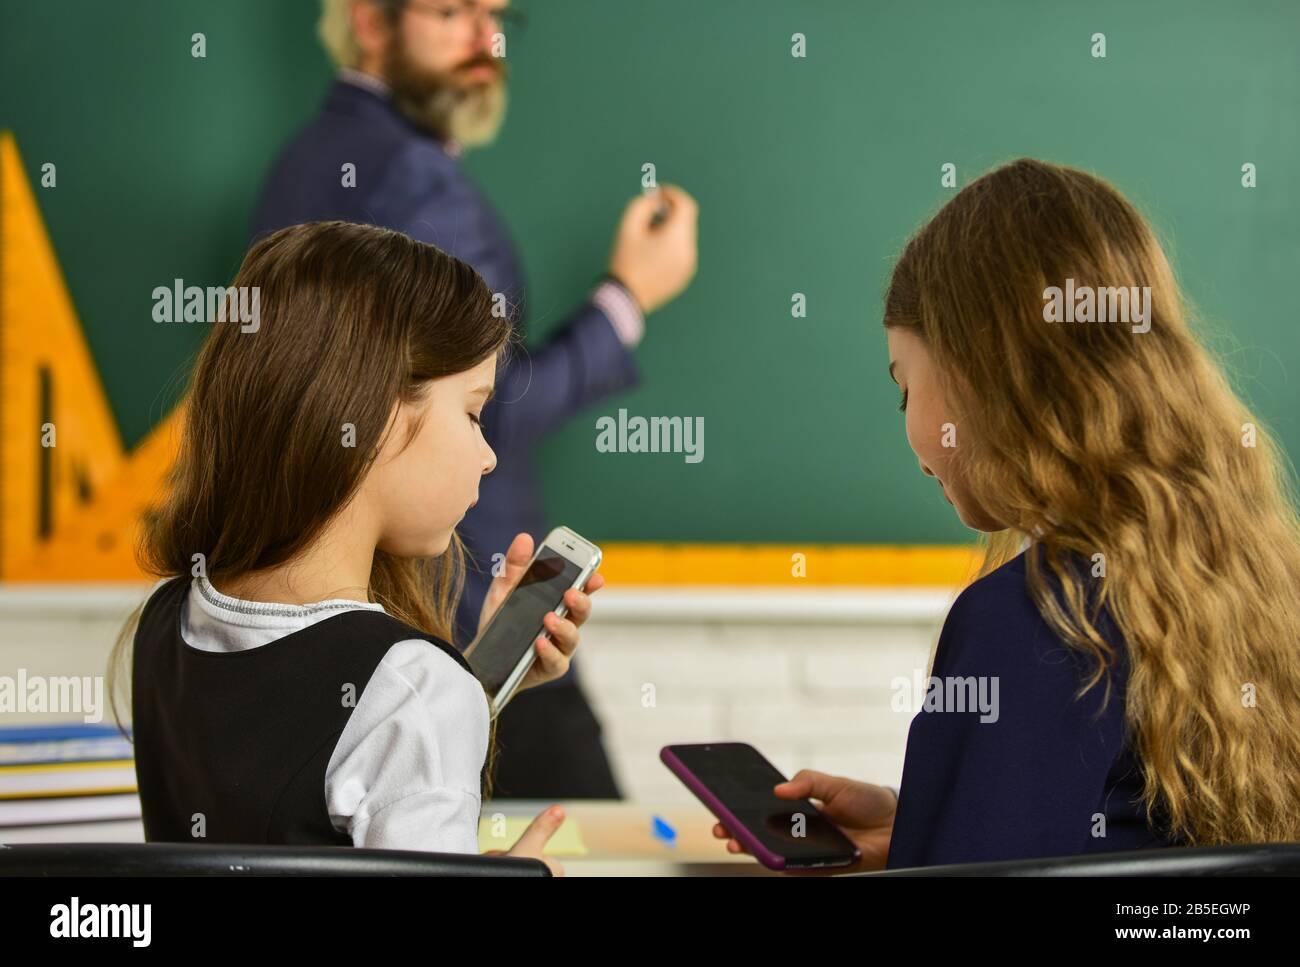 Работы в школе девушек денис денисенко киев